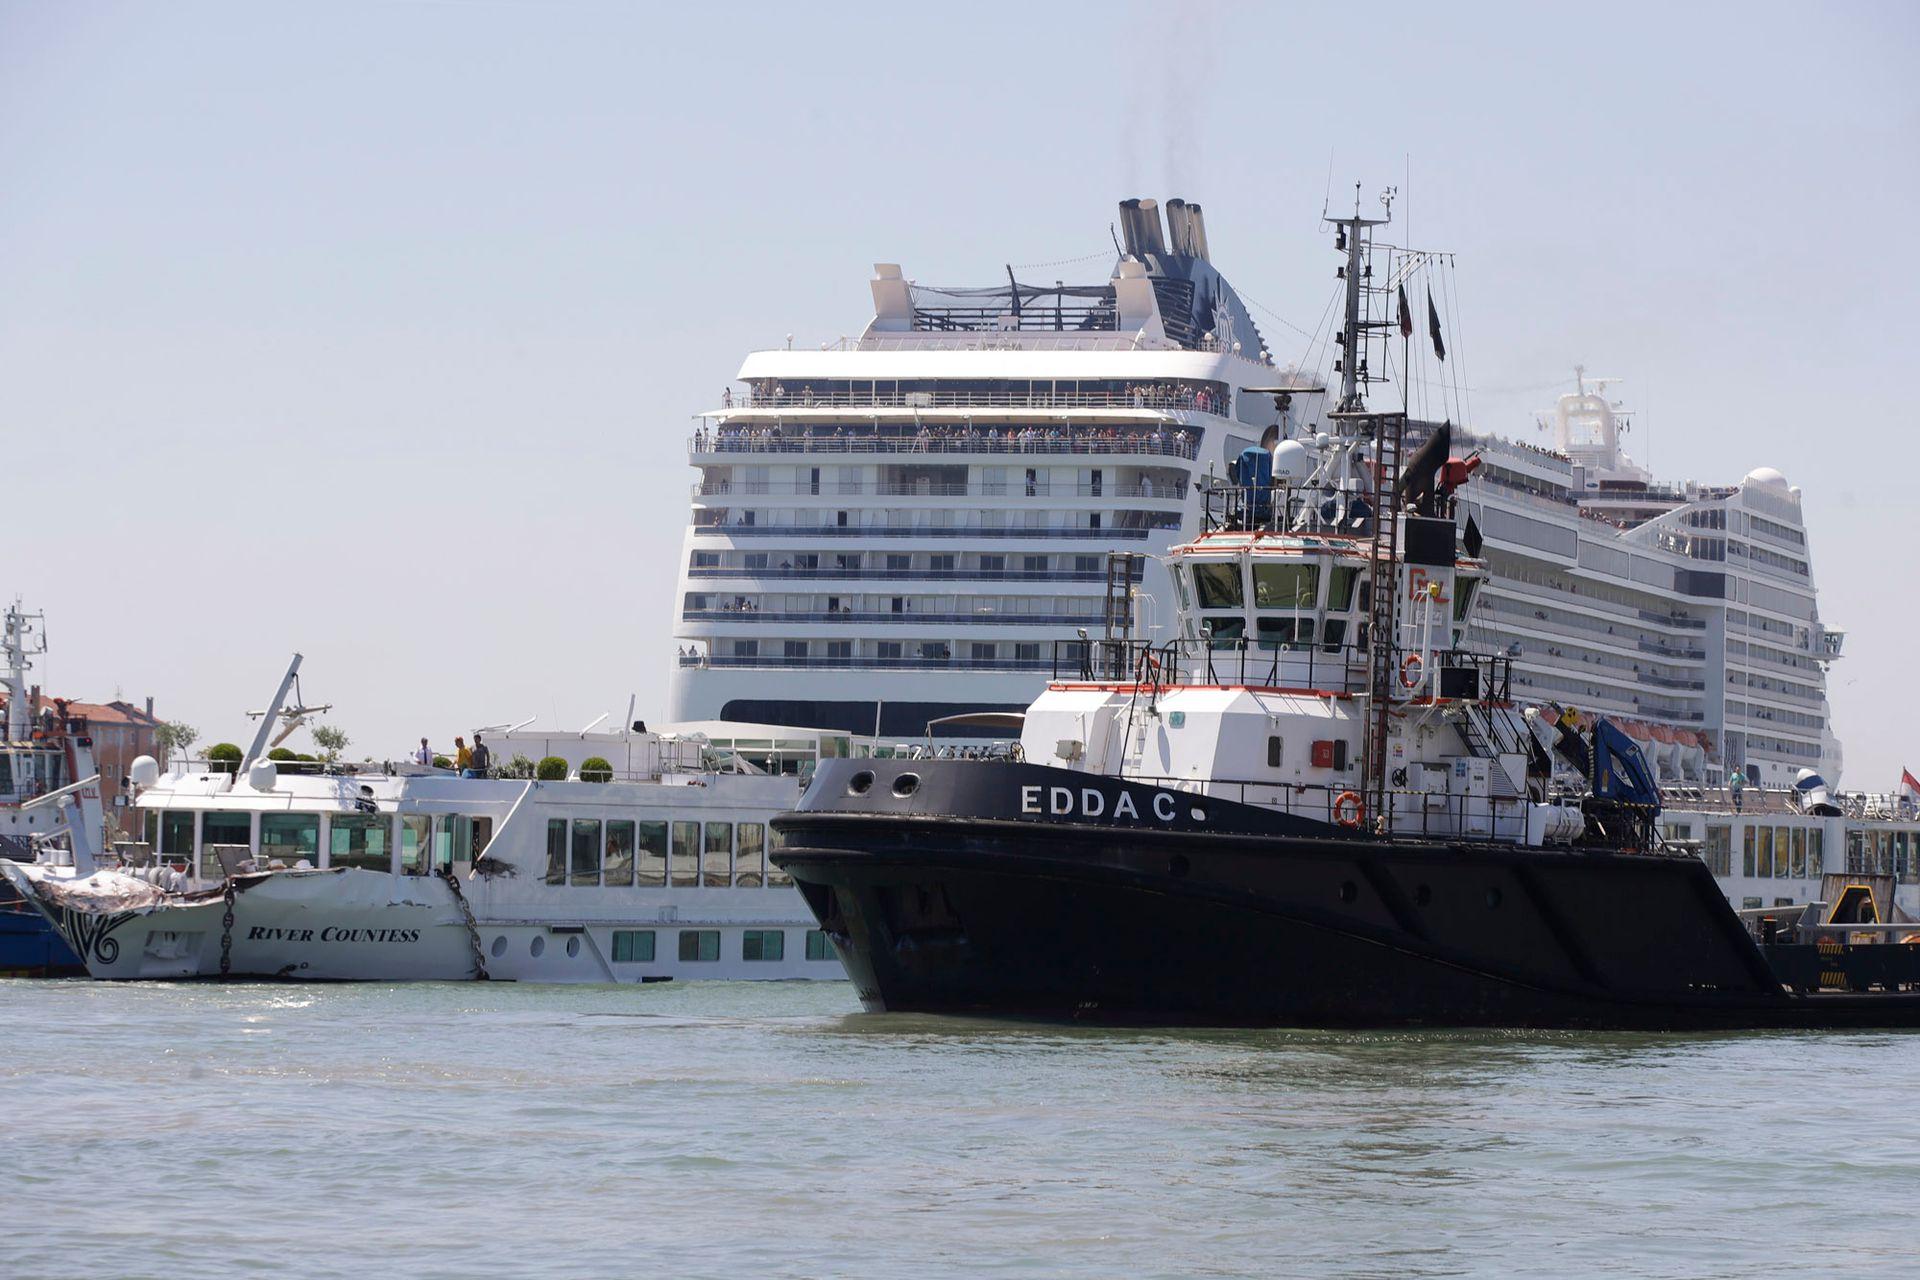 El enorme crucero de 54 metros de altura, 275 metros de eslora y 2679 pasajeros a bordo, quedó fuera de control por un problema en el motor